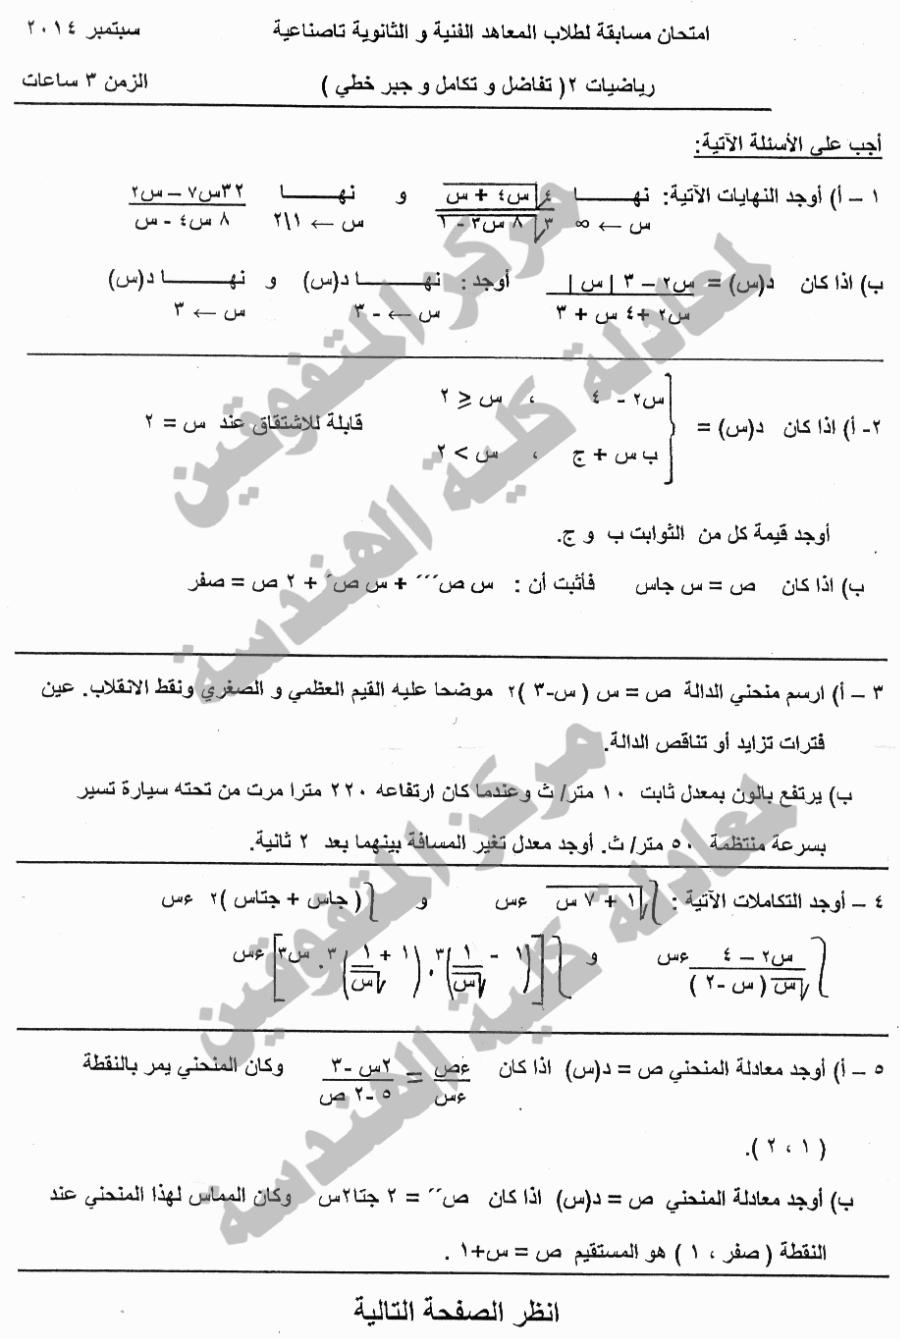 إمتحان معادلة كلية الهندسة 2014 رياضة خاصة